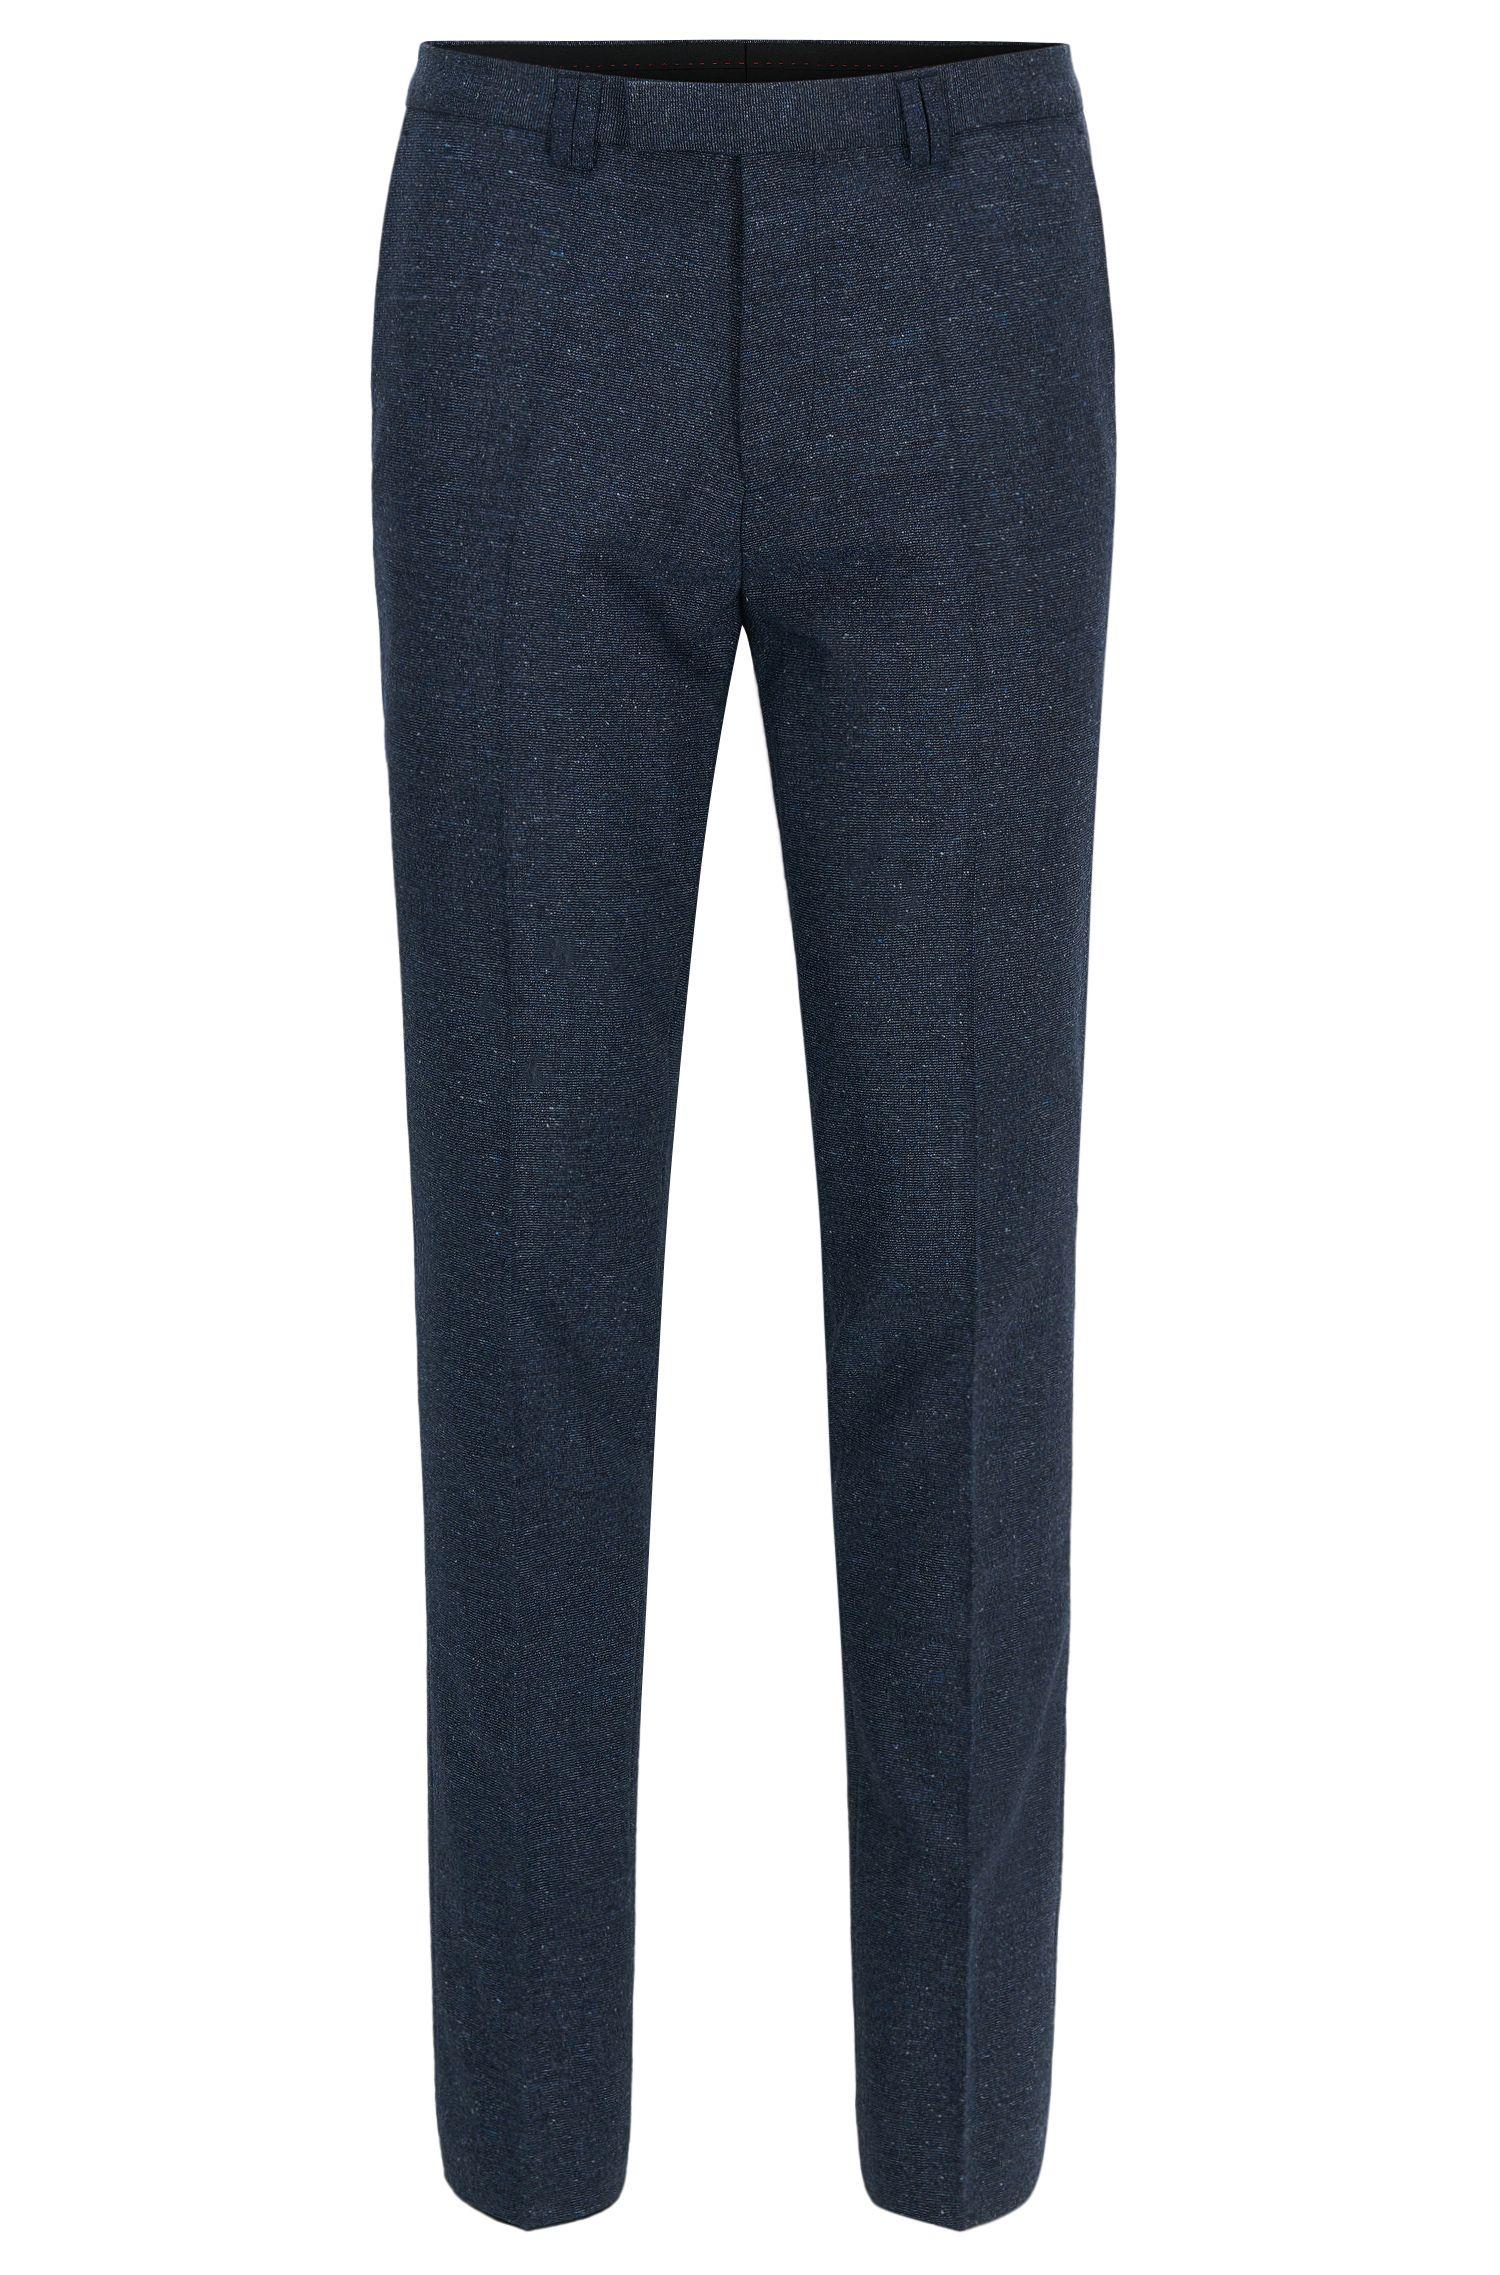 Wool Blend Pants, Extra Slim Fit | Hesten